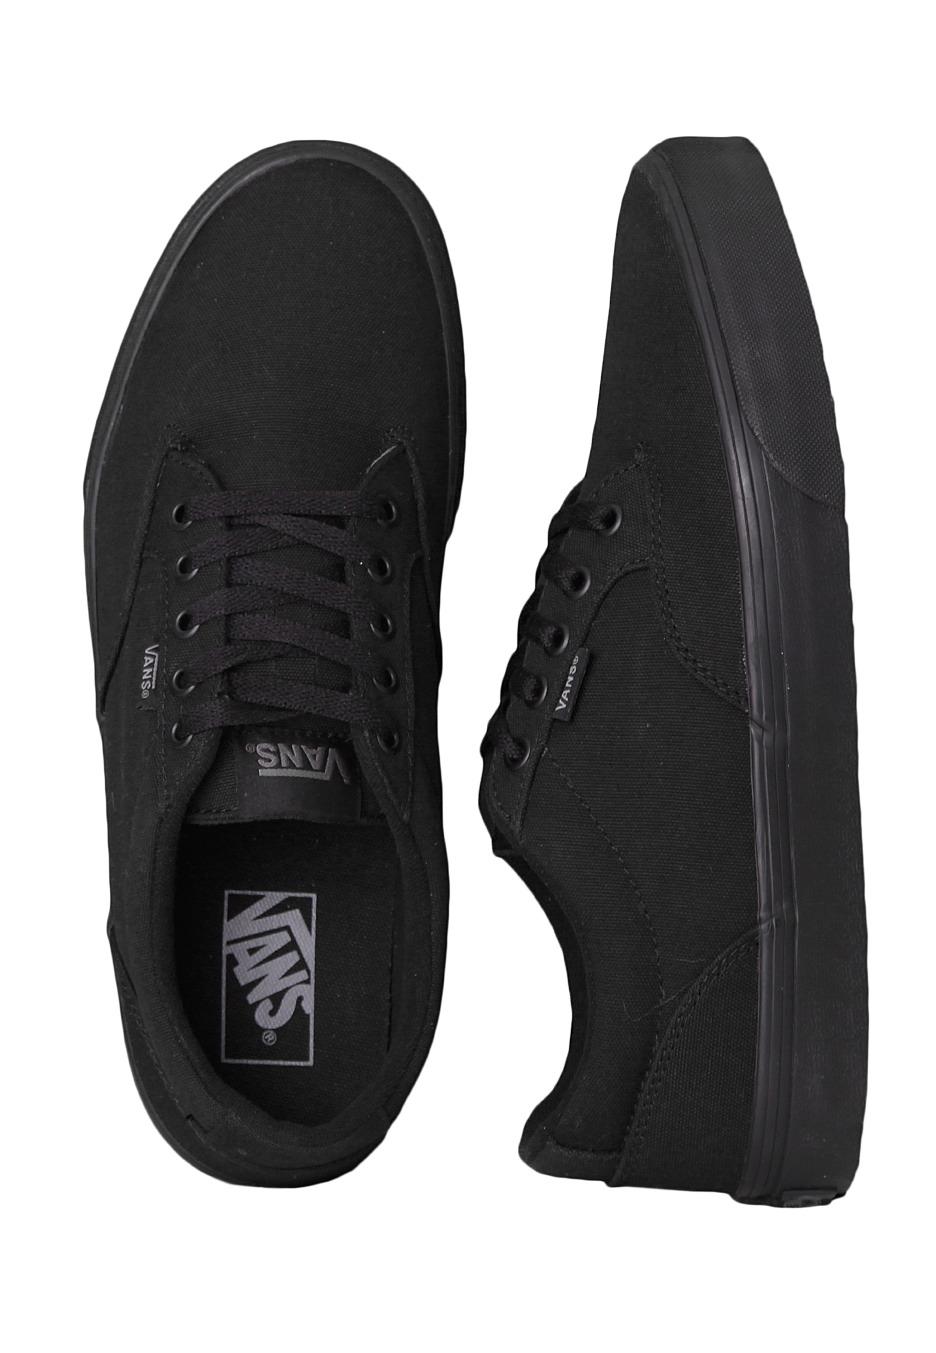 Winston Vans Blackblack Chaussures Winston Canvas Canvas Vans LUzMpqGSV